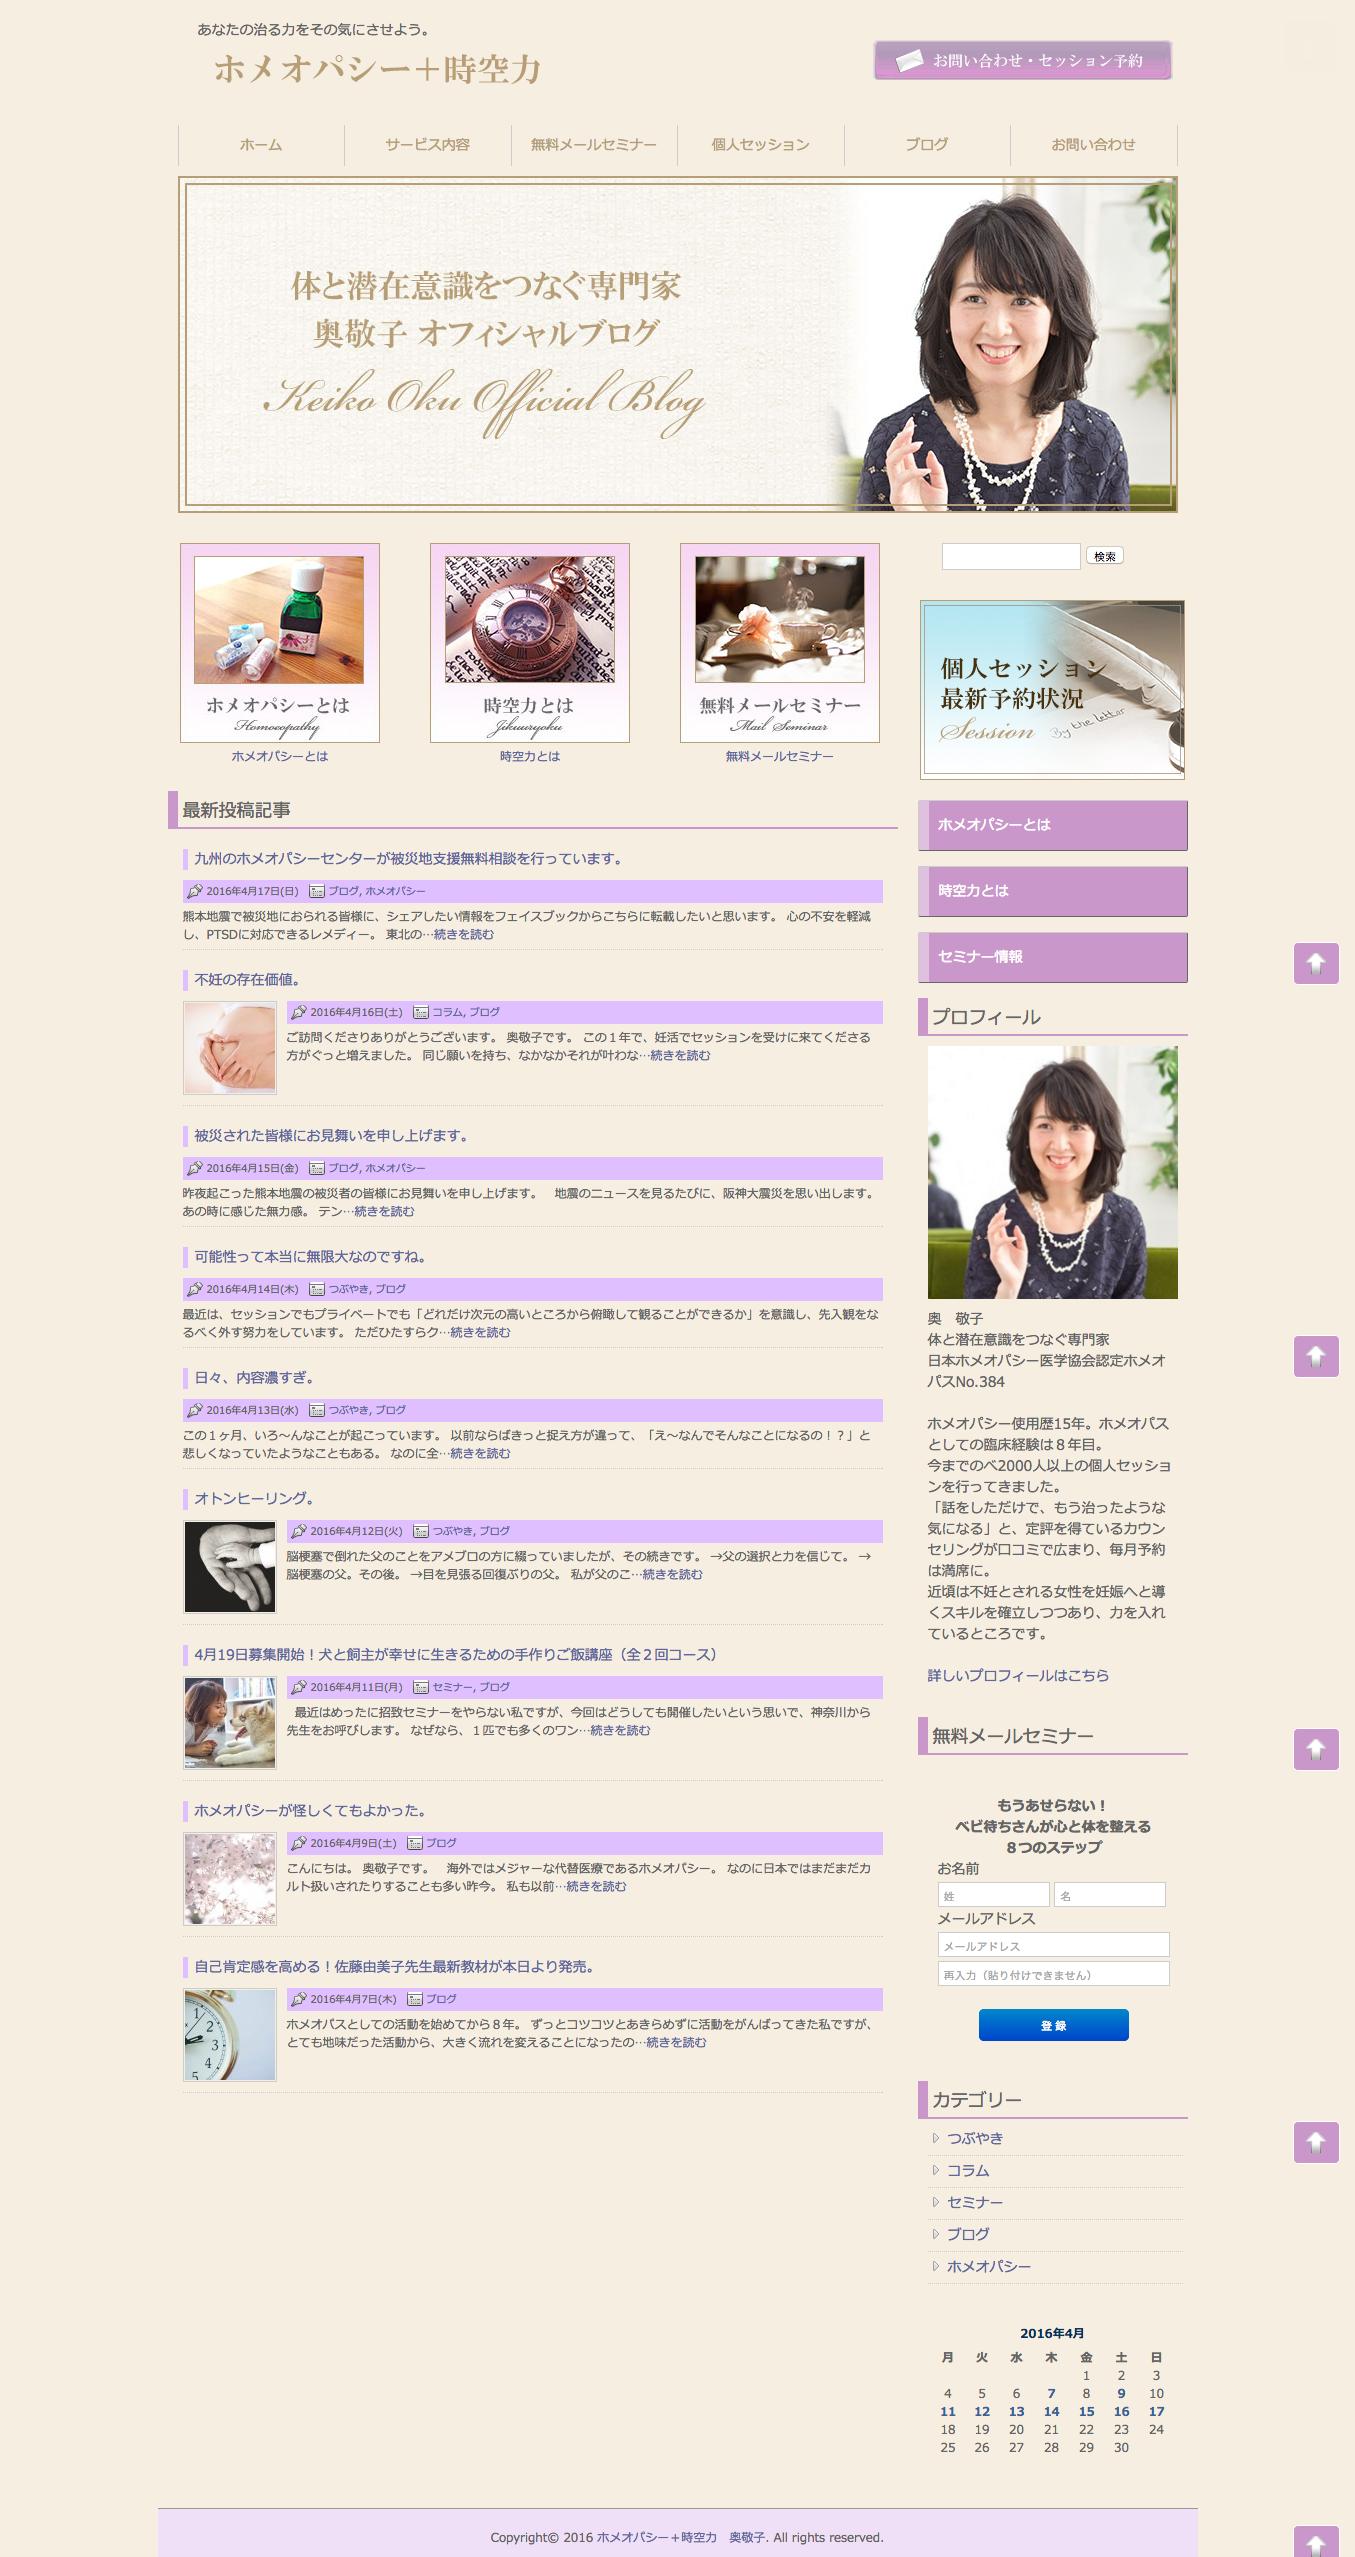 奥敬子さんワードプレスブログ